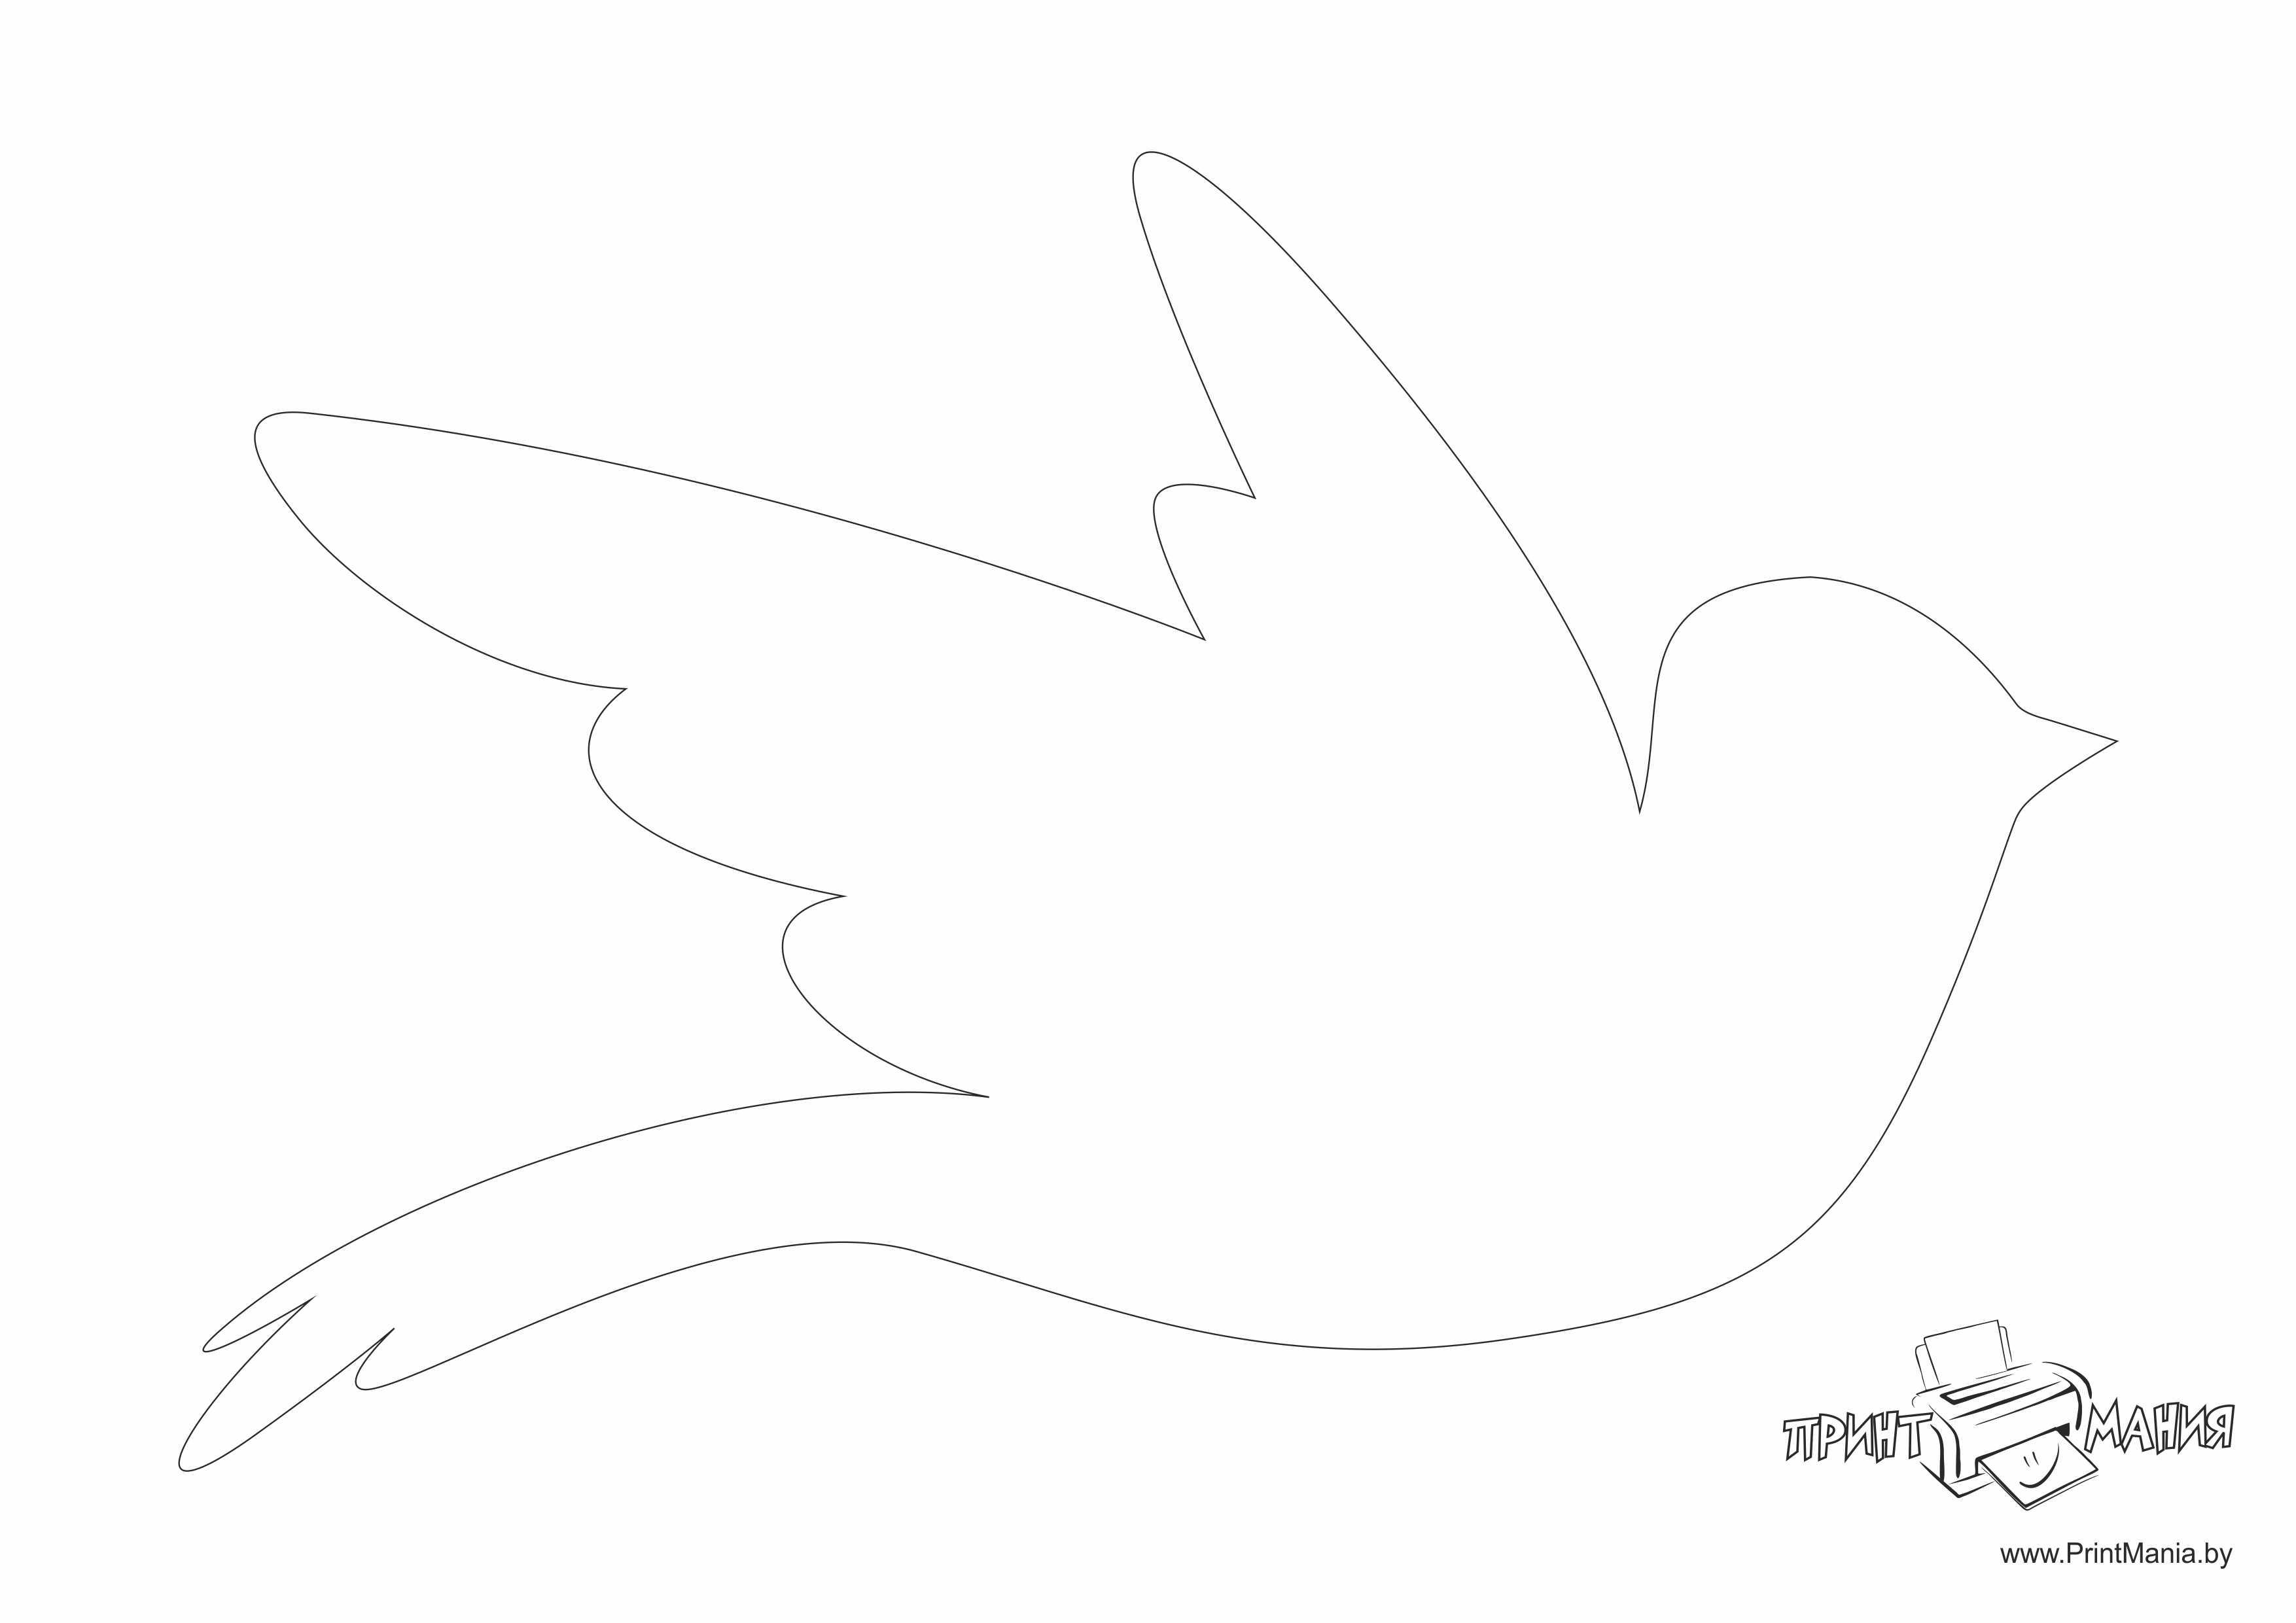 Картинки голубей для вырезания на 9 мая, картинки анимация